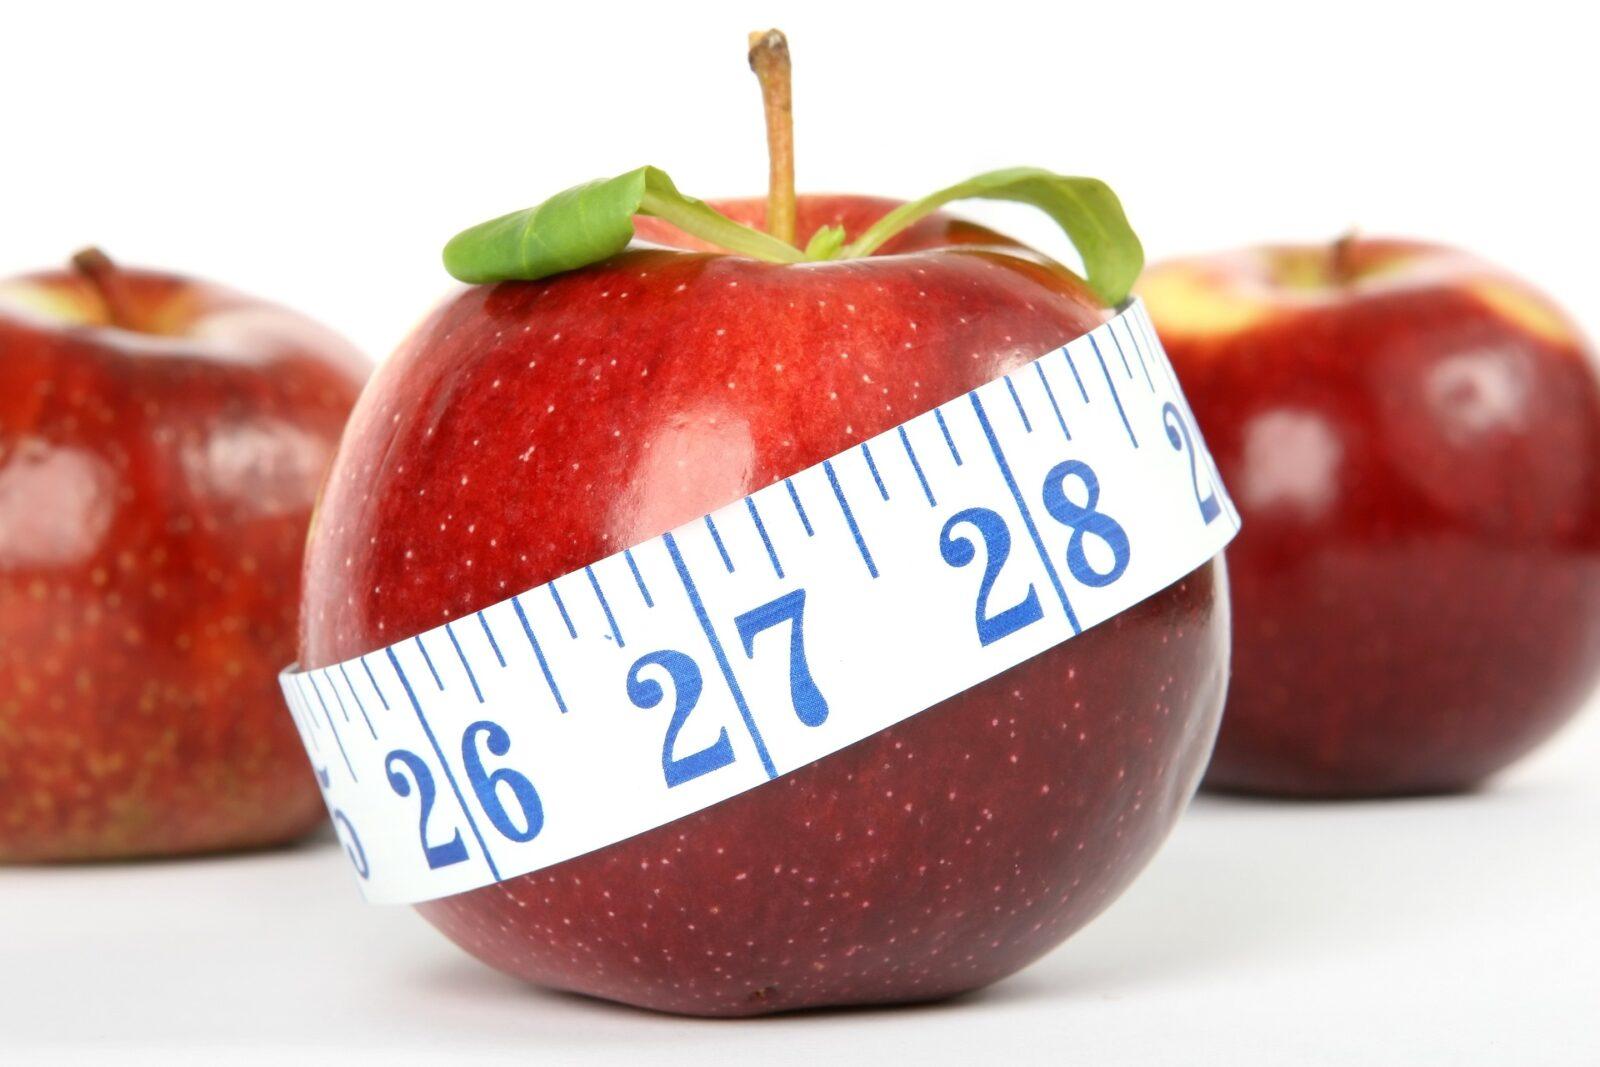 Perdere peso dopo il parto. Il momento migliore, durante l'allattamento